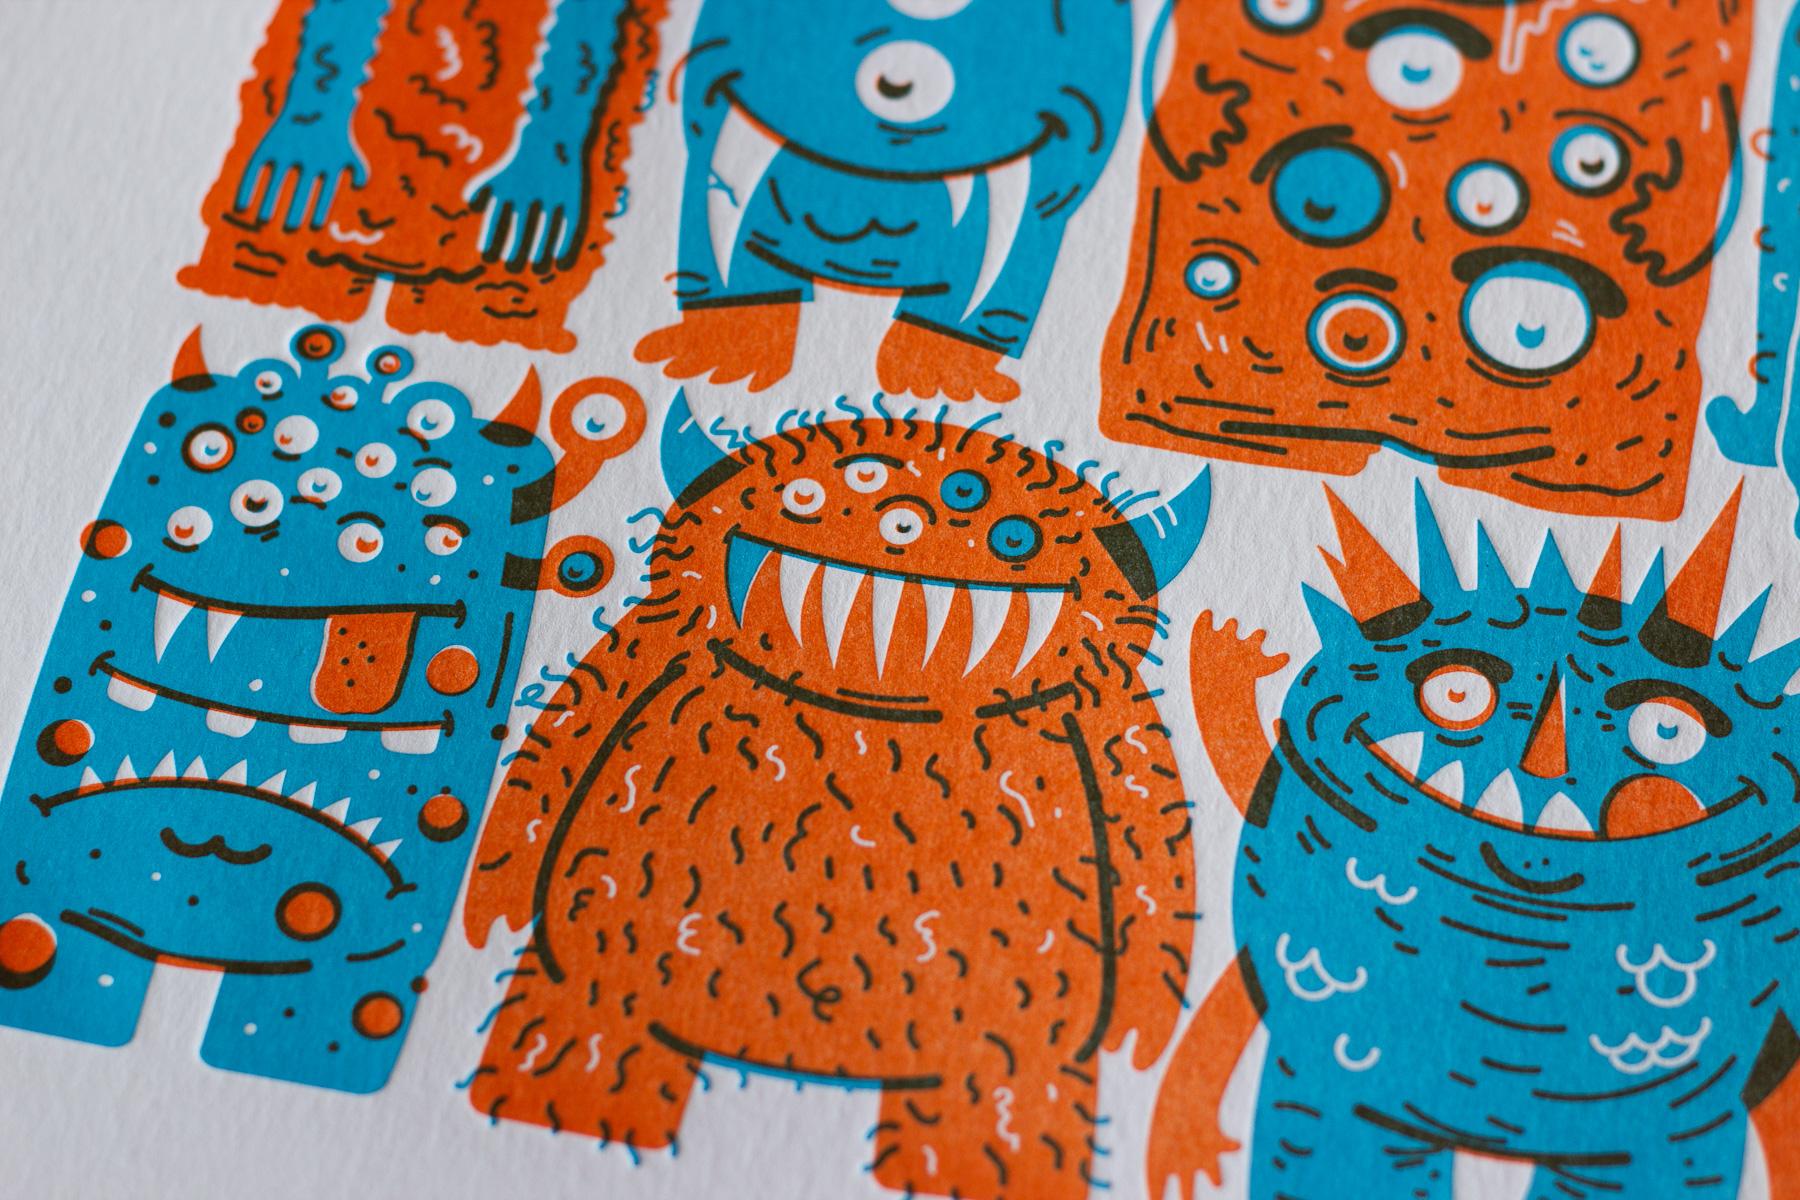 Michael Langenegger Monster Letterpress Art Print x Hungry Workshop-02